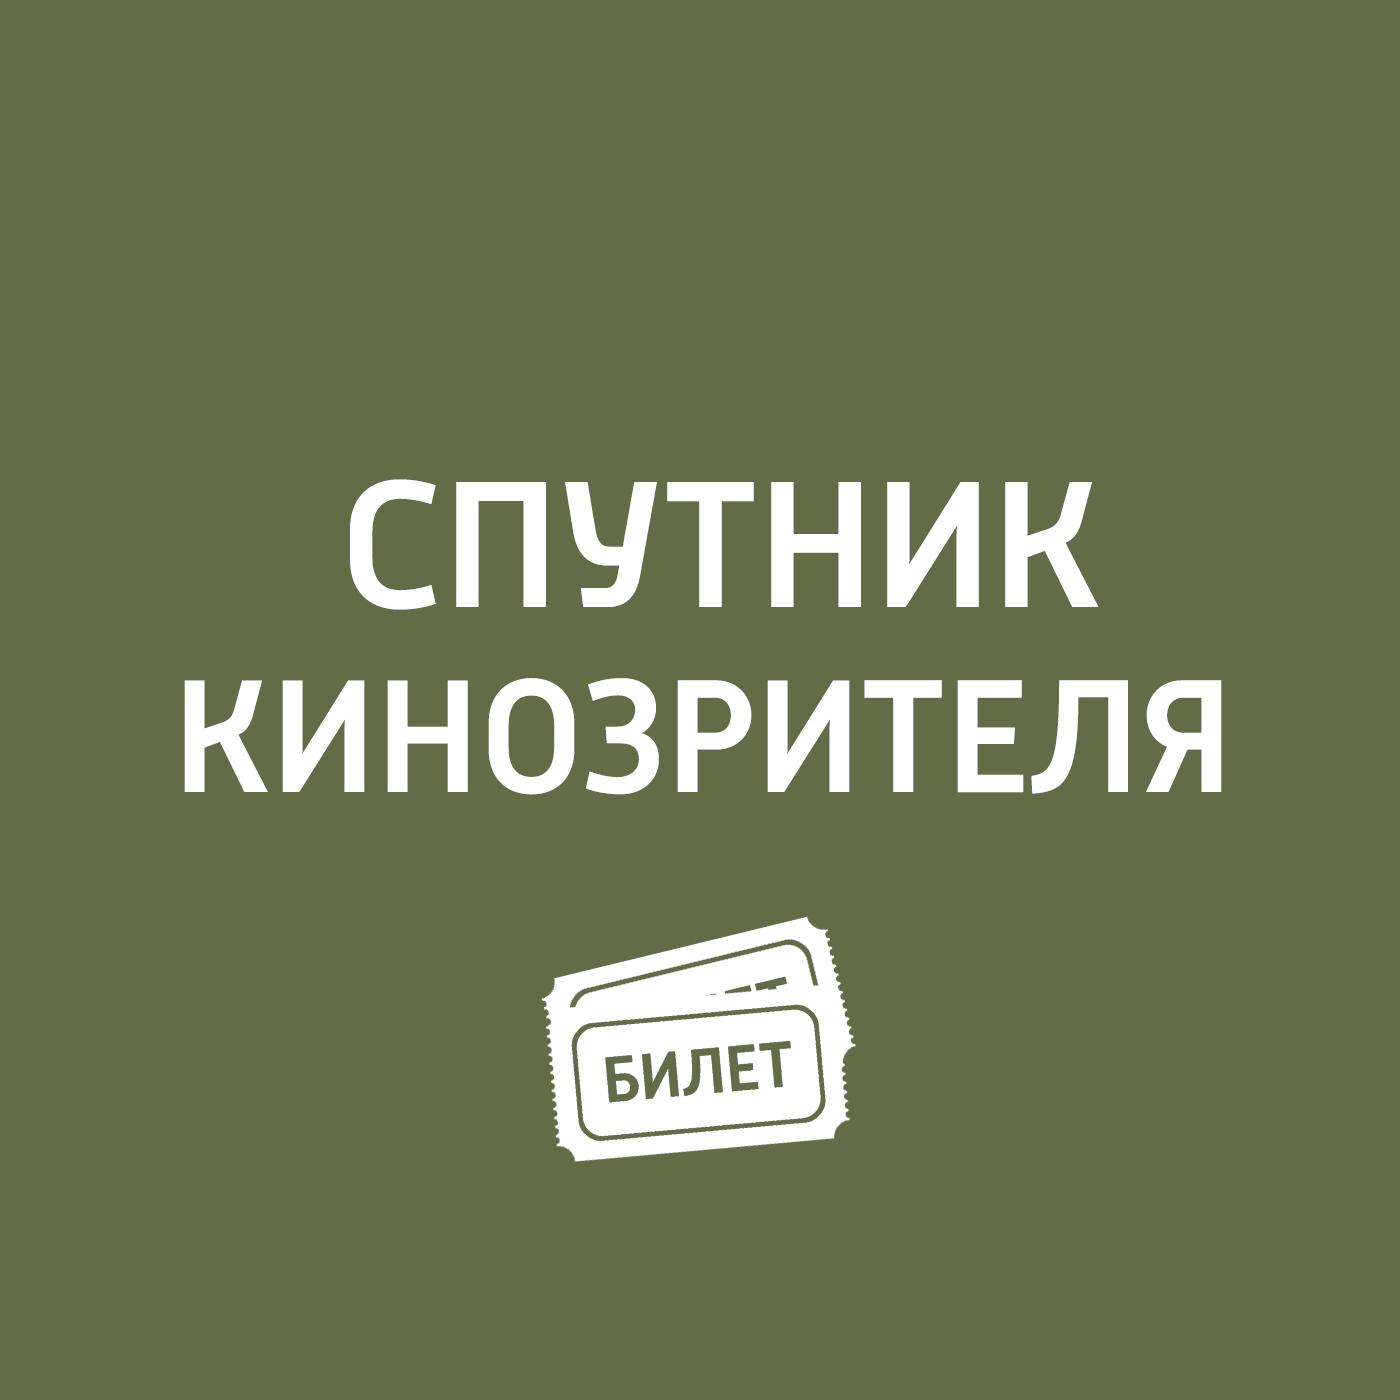 Антон Долин Новая «Кавказская пленница